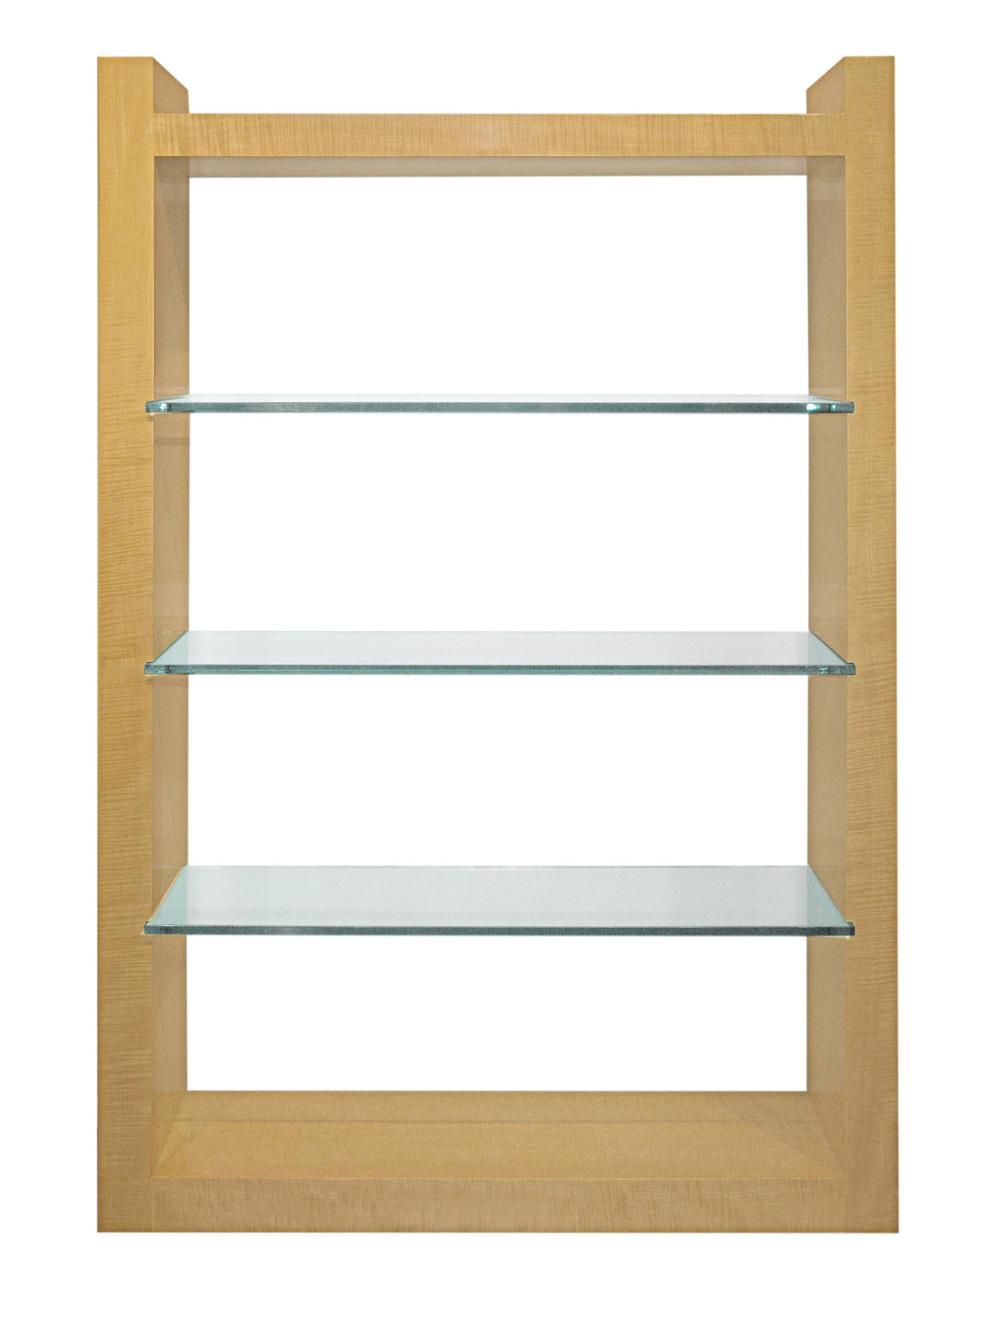 Springer 120 avodire bookshelf etagere4 hiresA.jpg